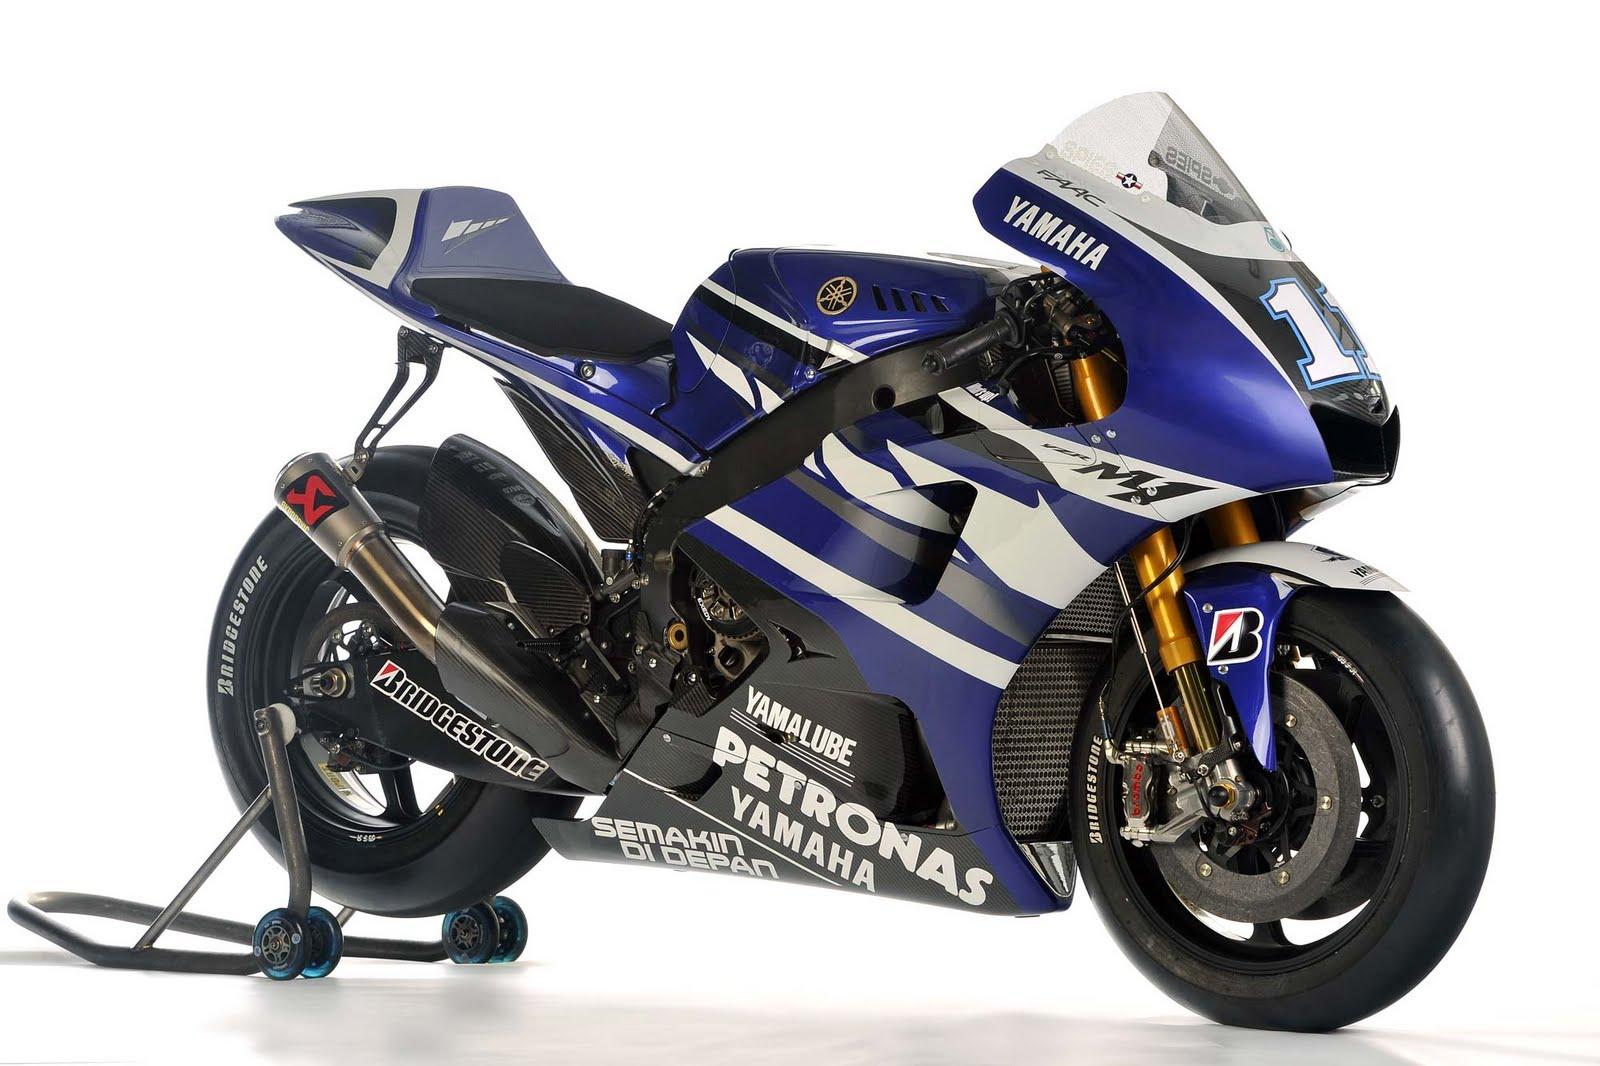 http://4.bp.blogspot.com/-C2E_jKCjUI0/ThQm2-VSckI/AAAAAAAAA-c/rWc6v3Azg_A/s1600/Yamaha+YZR-M1+MotoGP+Wallpapers1.jpg